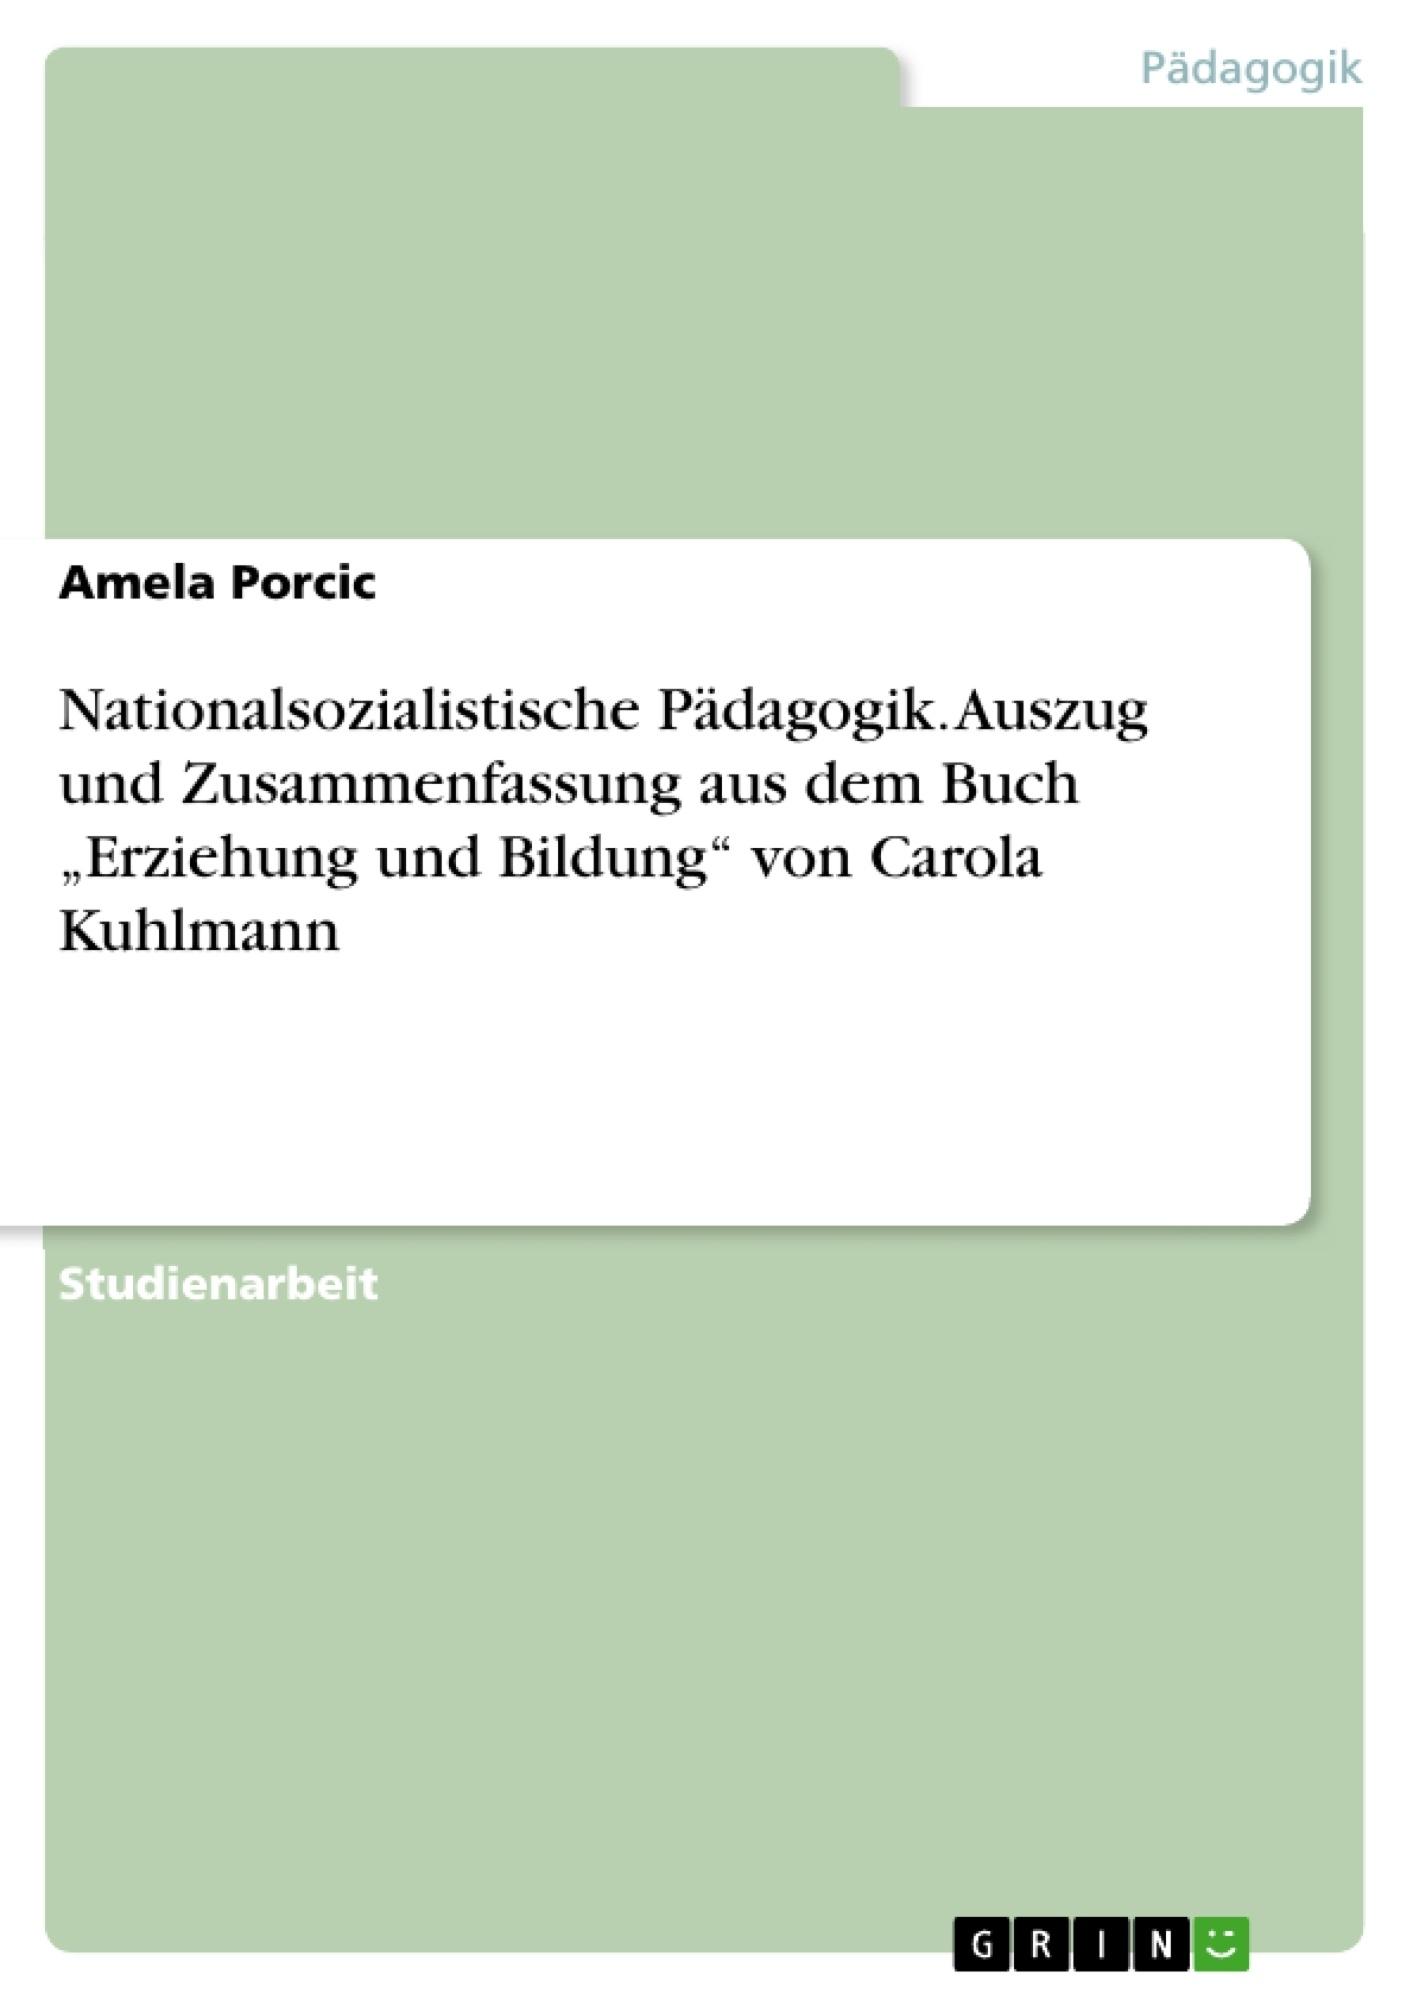 """Titel: Nationalsozialistische Pädagogik. Auszug und Zusammenfassung aus dem Buch """"Erziehung und Bildung"""" von Carola Kuhlmann"""